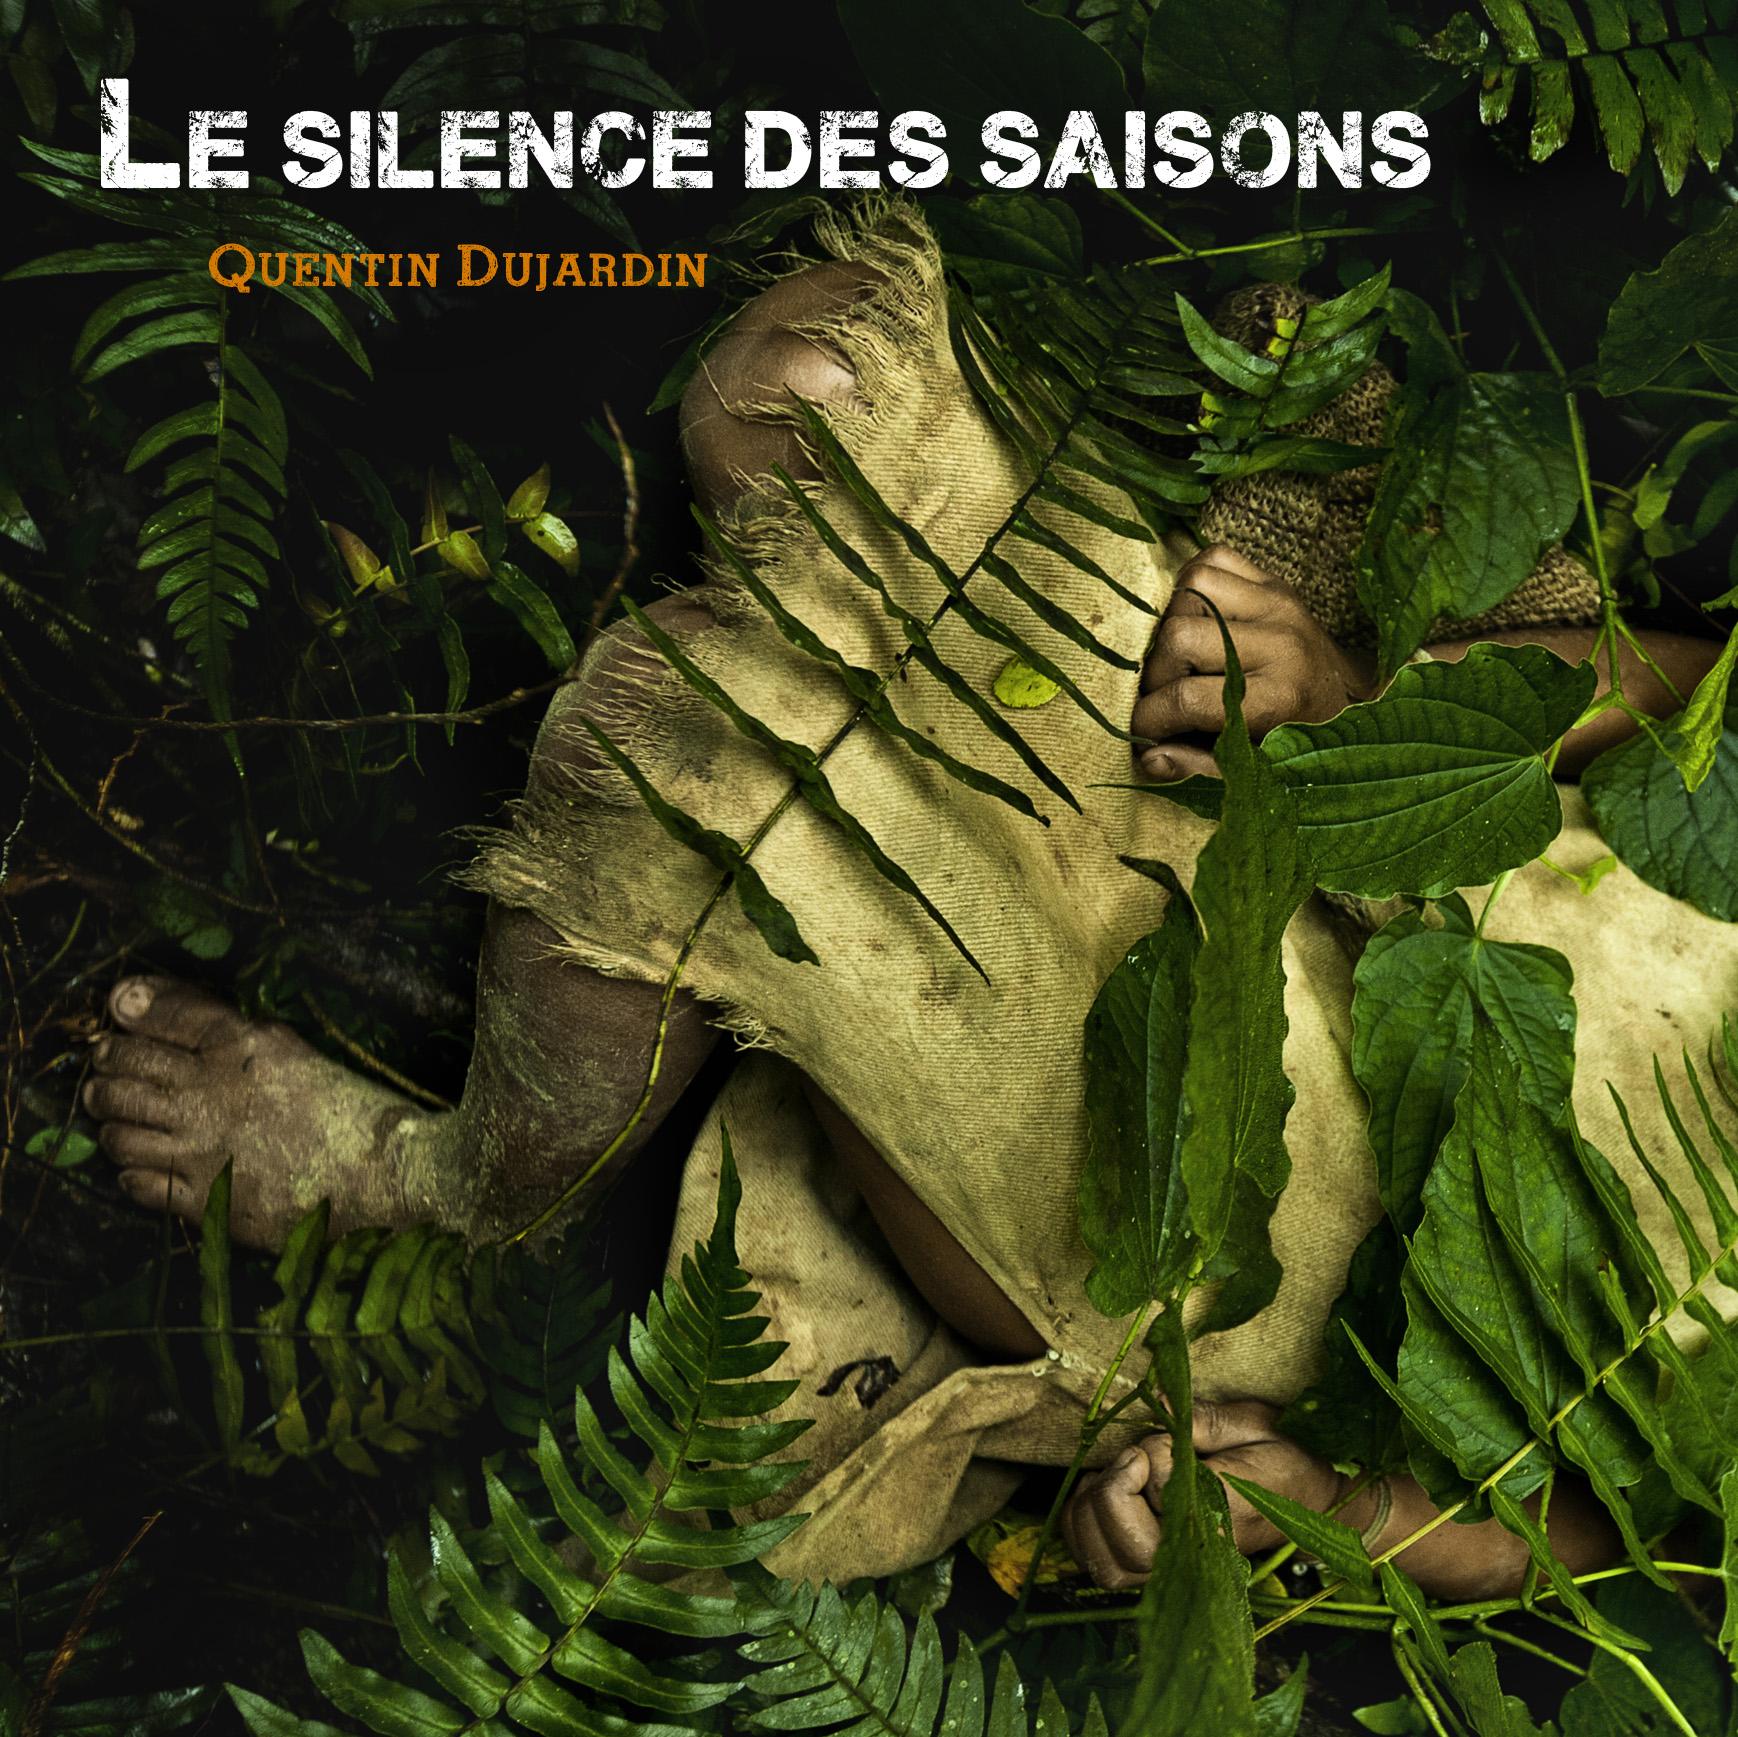 Quentin Dujardin - Le Silence des Saisons